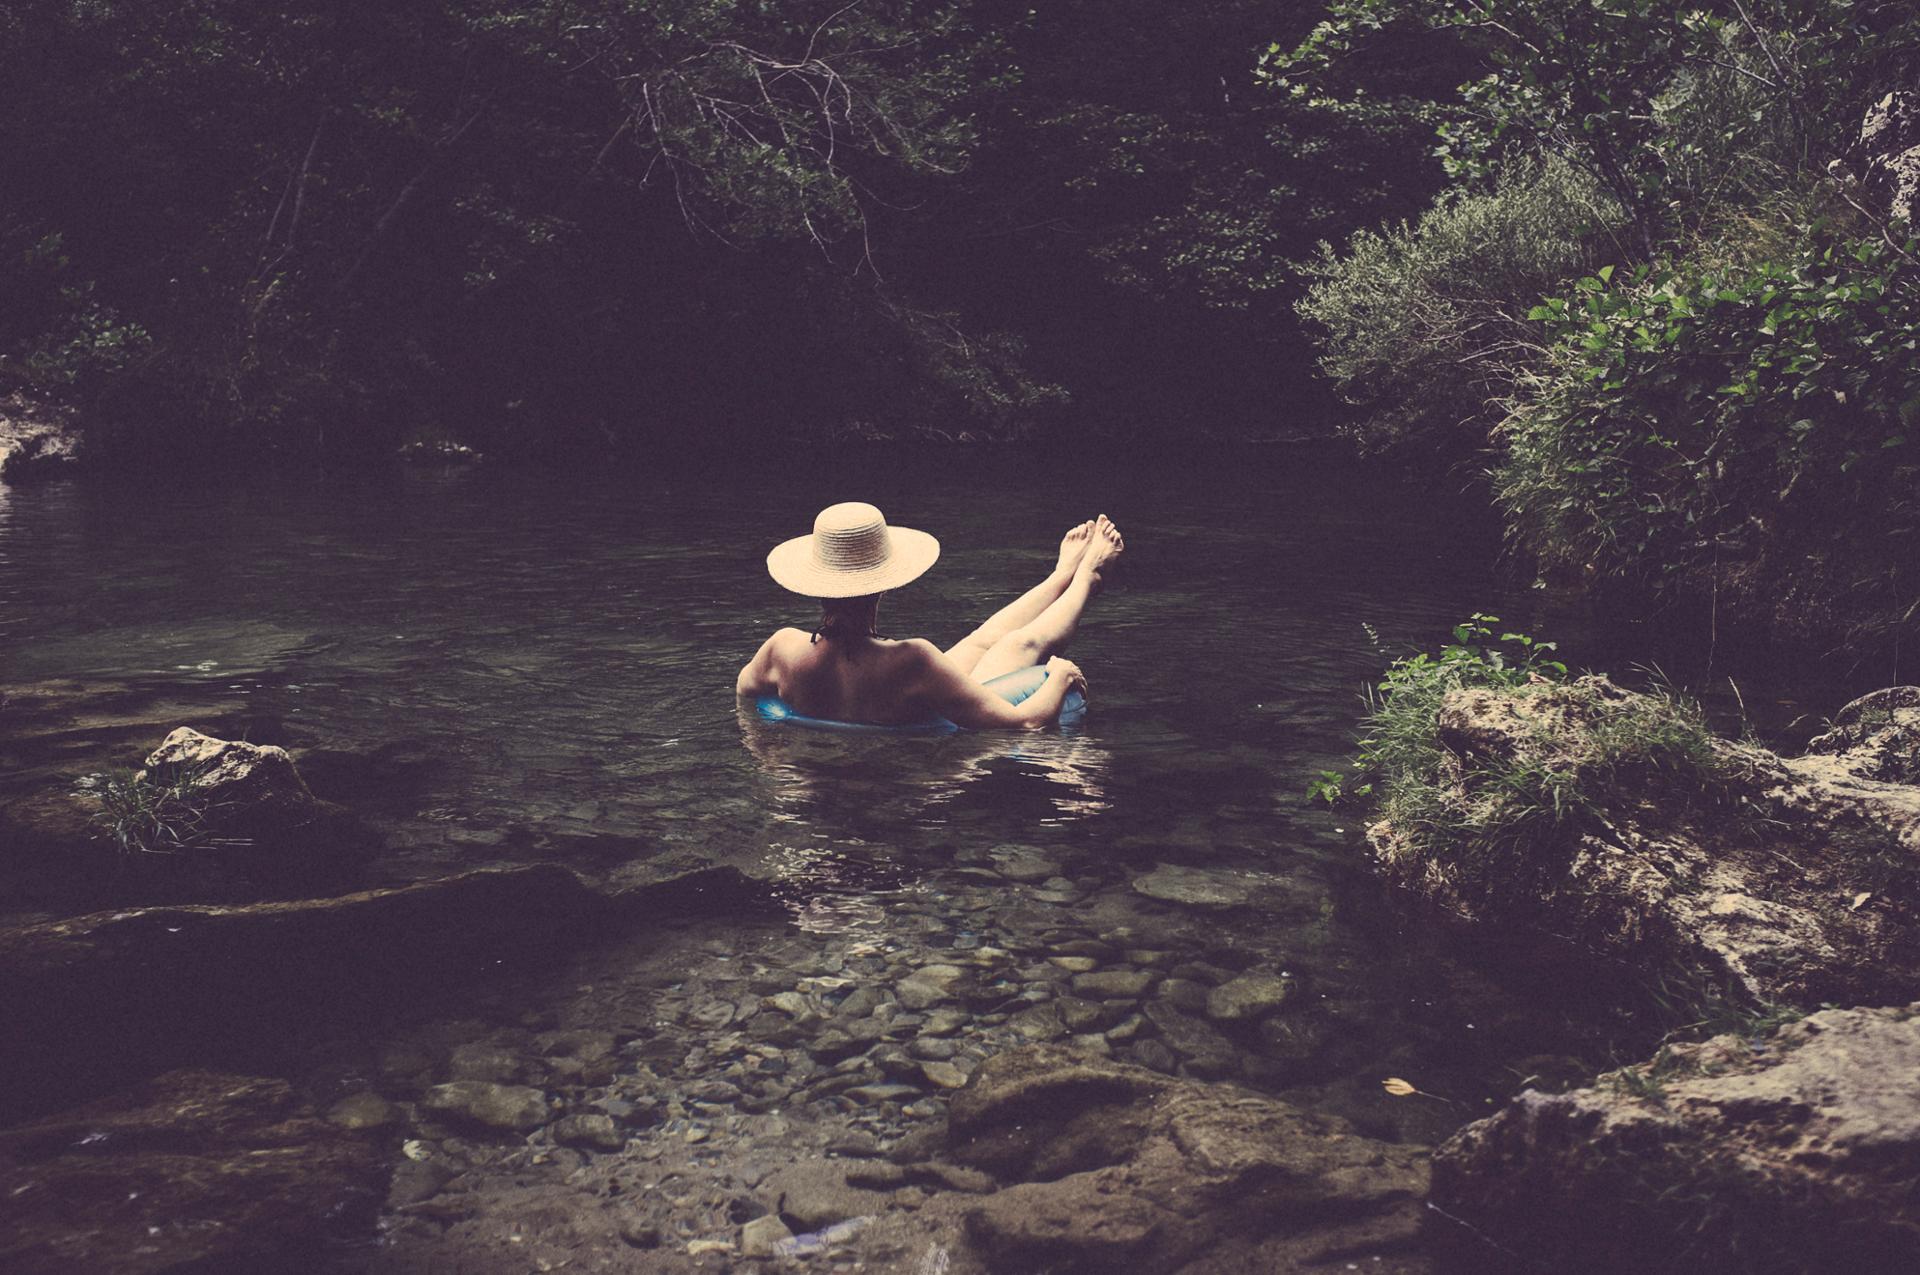 Nel corso d'acqua.